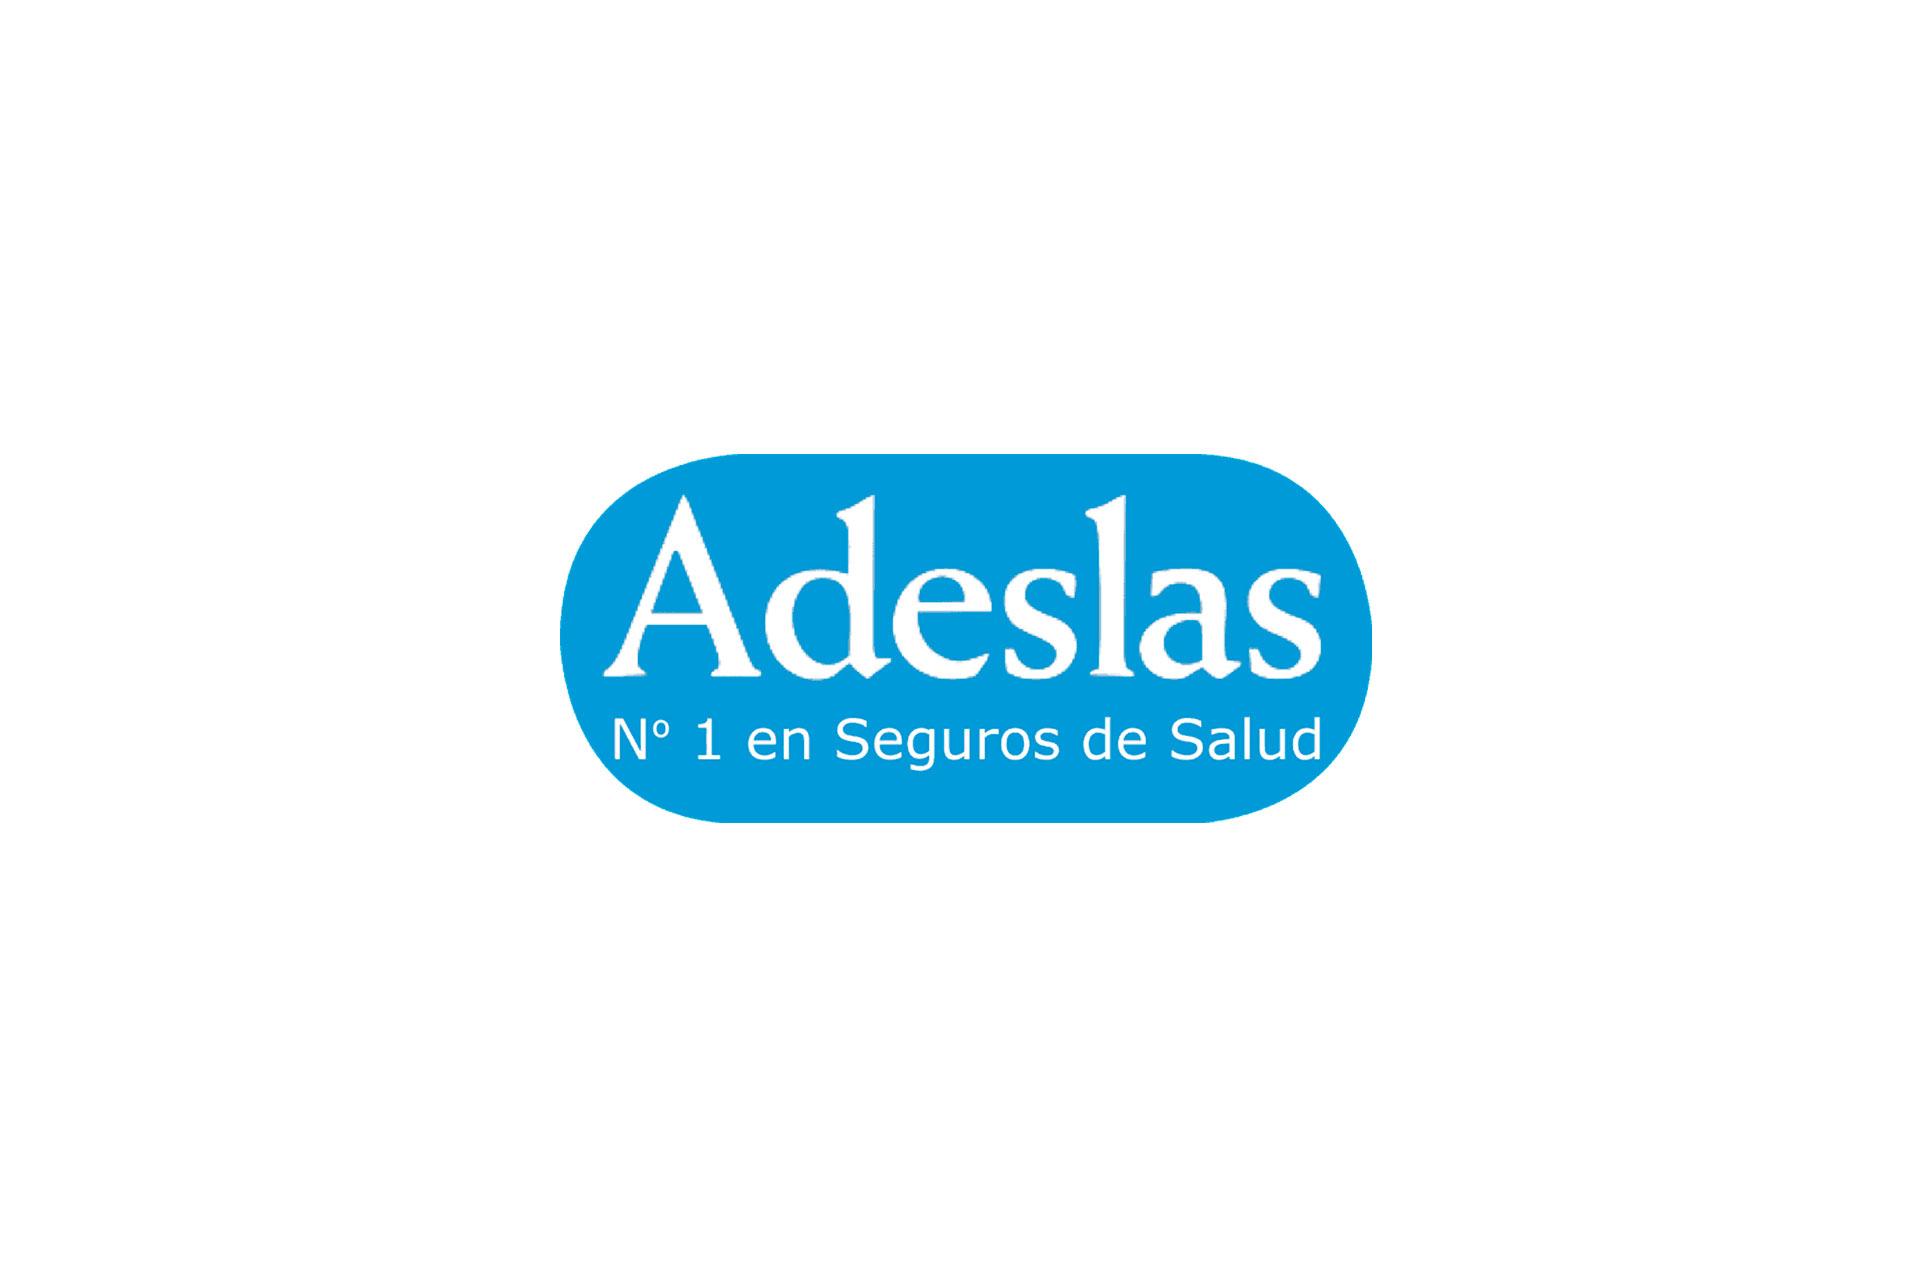 ¿Por qué elegir un seguro de salud Adeslas?